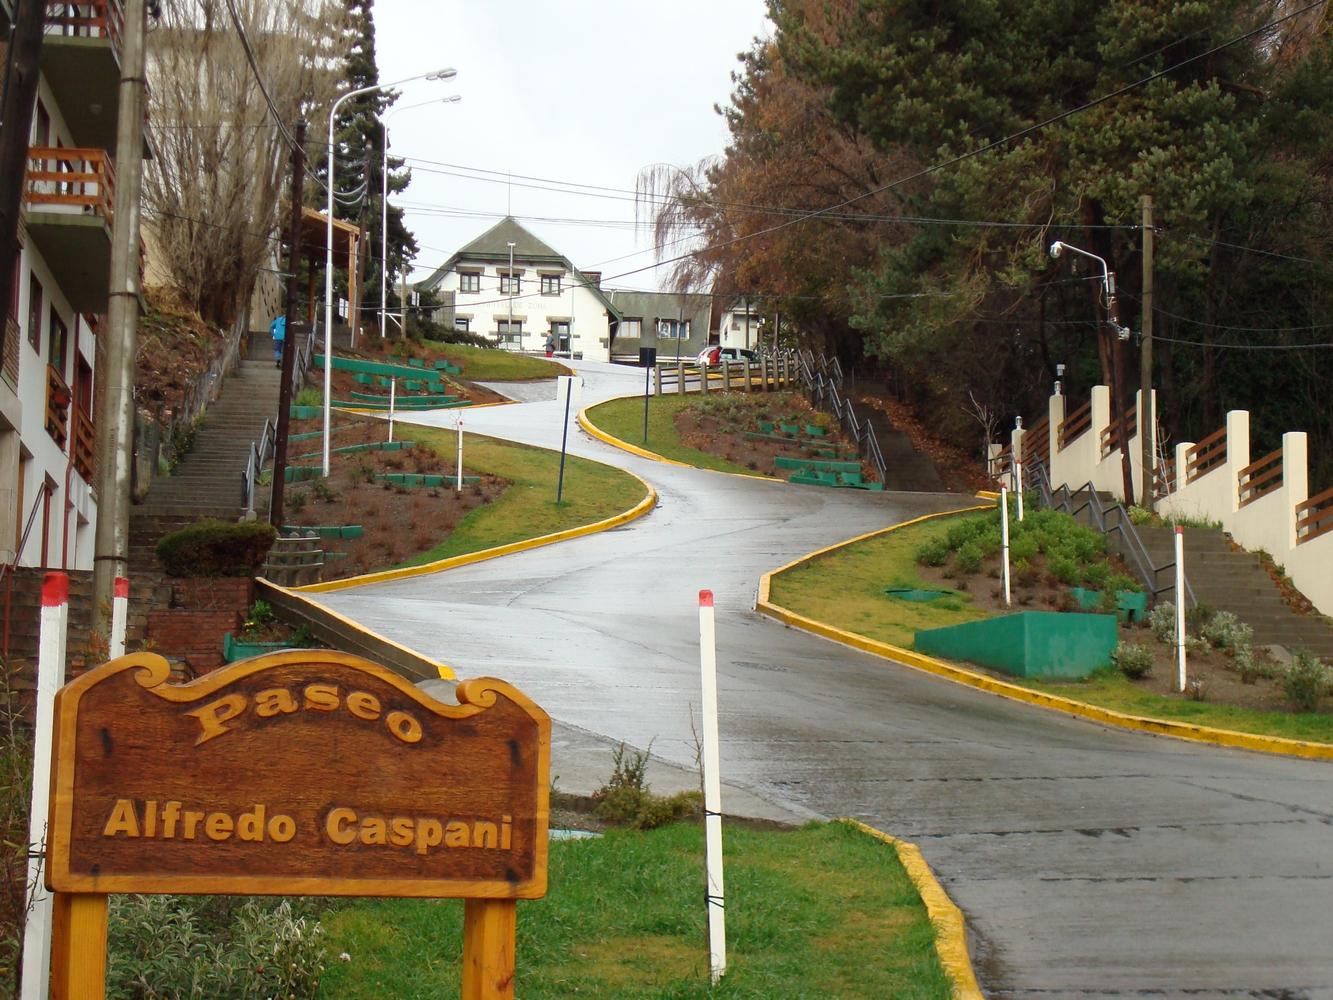 Paseo Alfredo Caspani - Bariloche